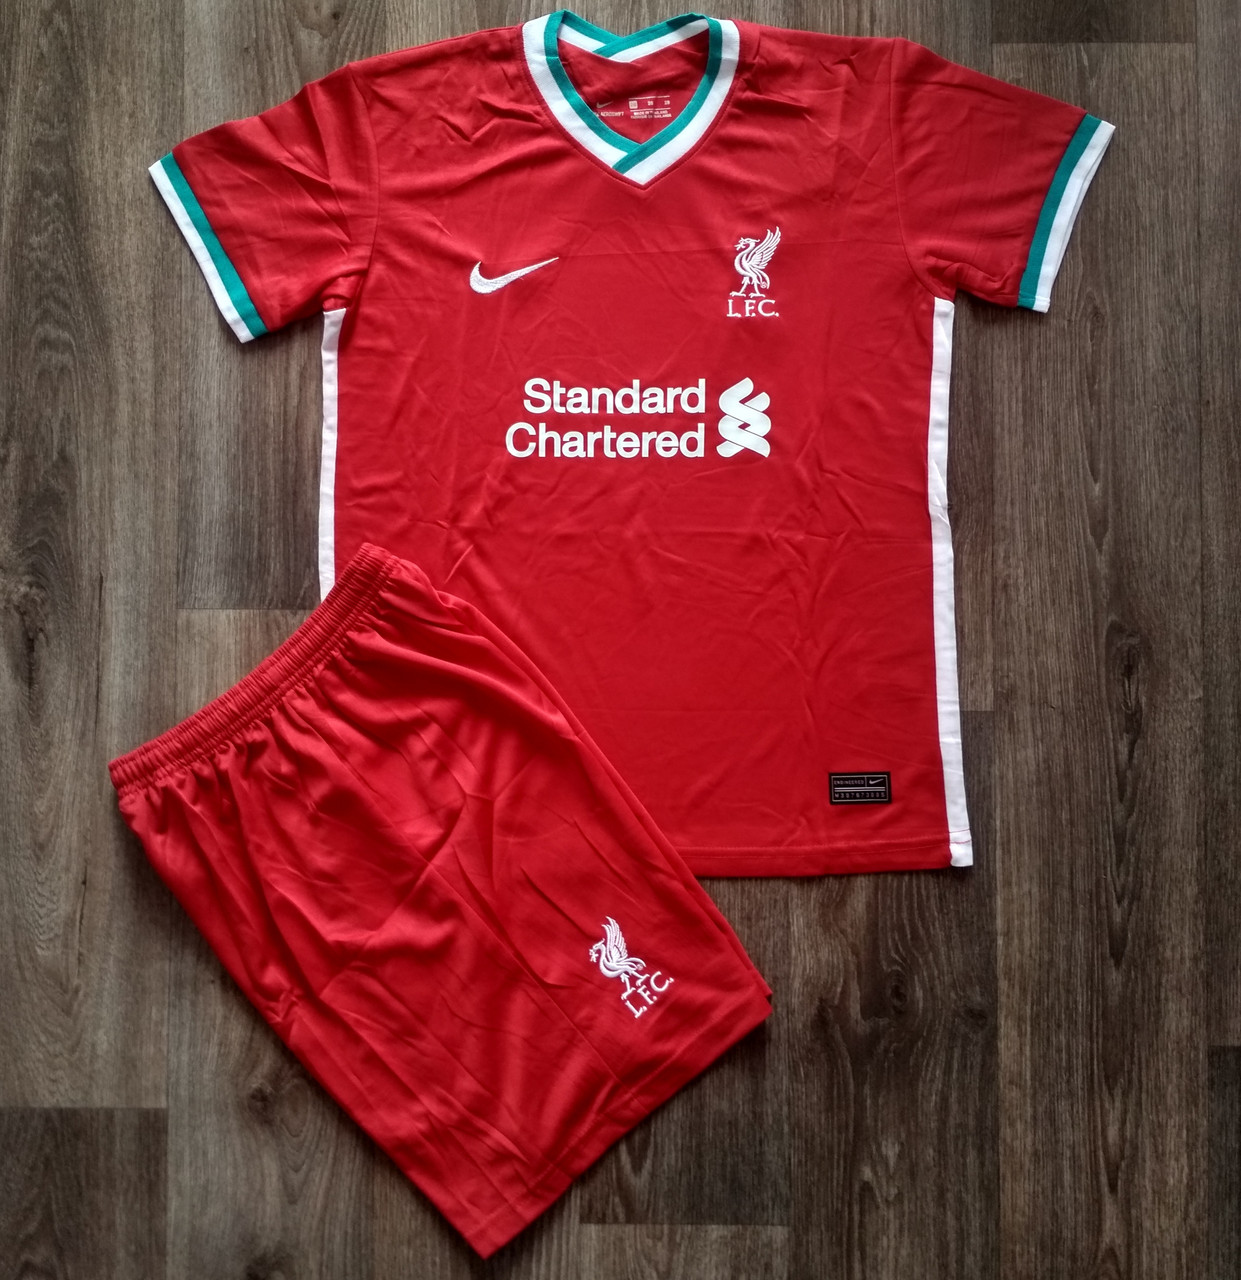 Дитяча футбольна форма Ліверпуль/Liverpool ( Англія, Прем'єр Ліга ), домашня, сезон 2020-2021